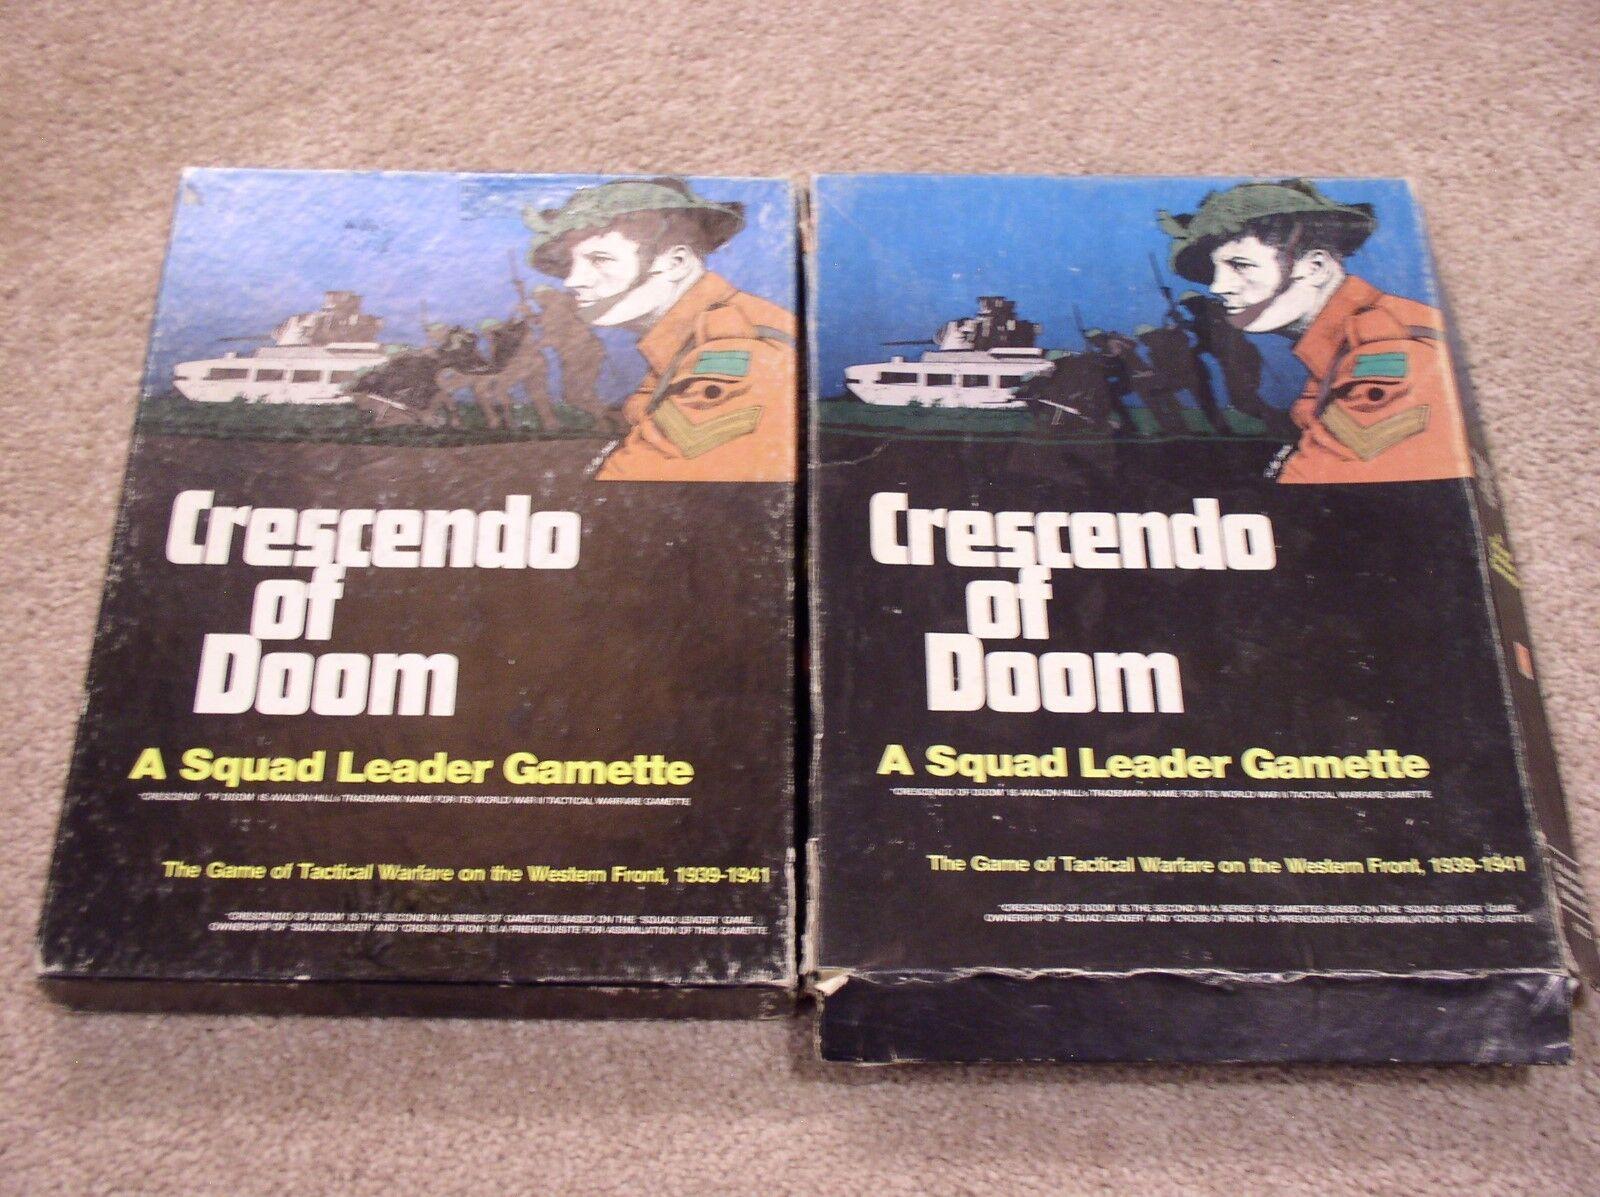 Avalon Hill Squad Leader giocotte  Crescendo  of Doom wargioco scatolaed set + extras  in cerca di agente di vendita